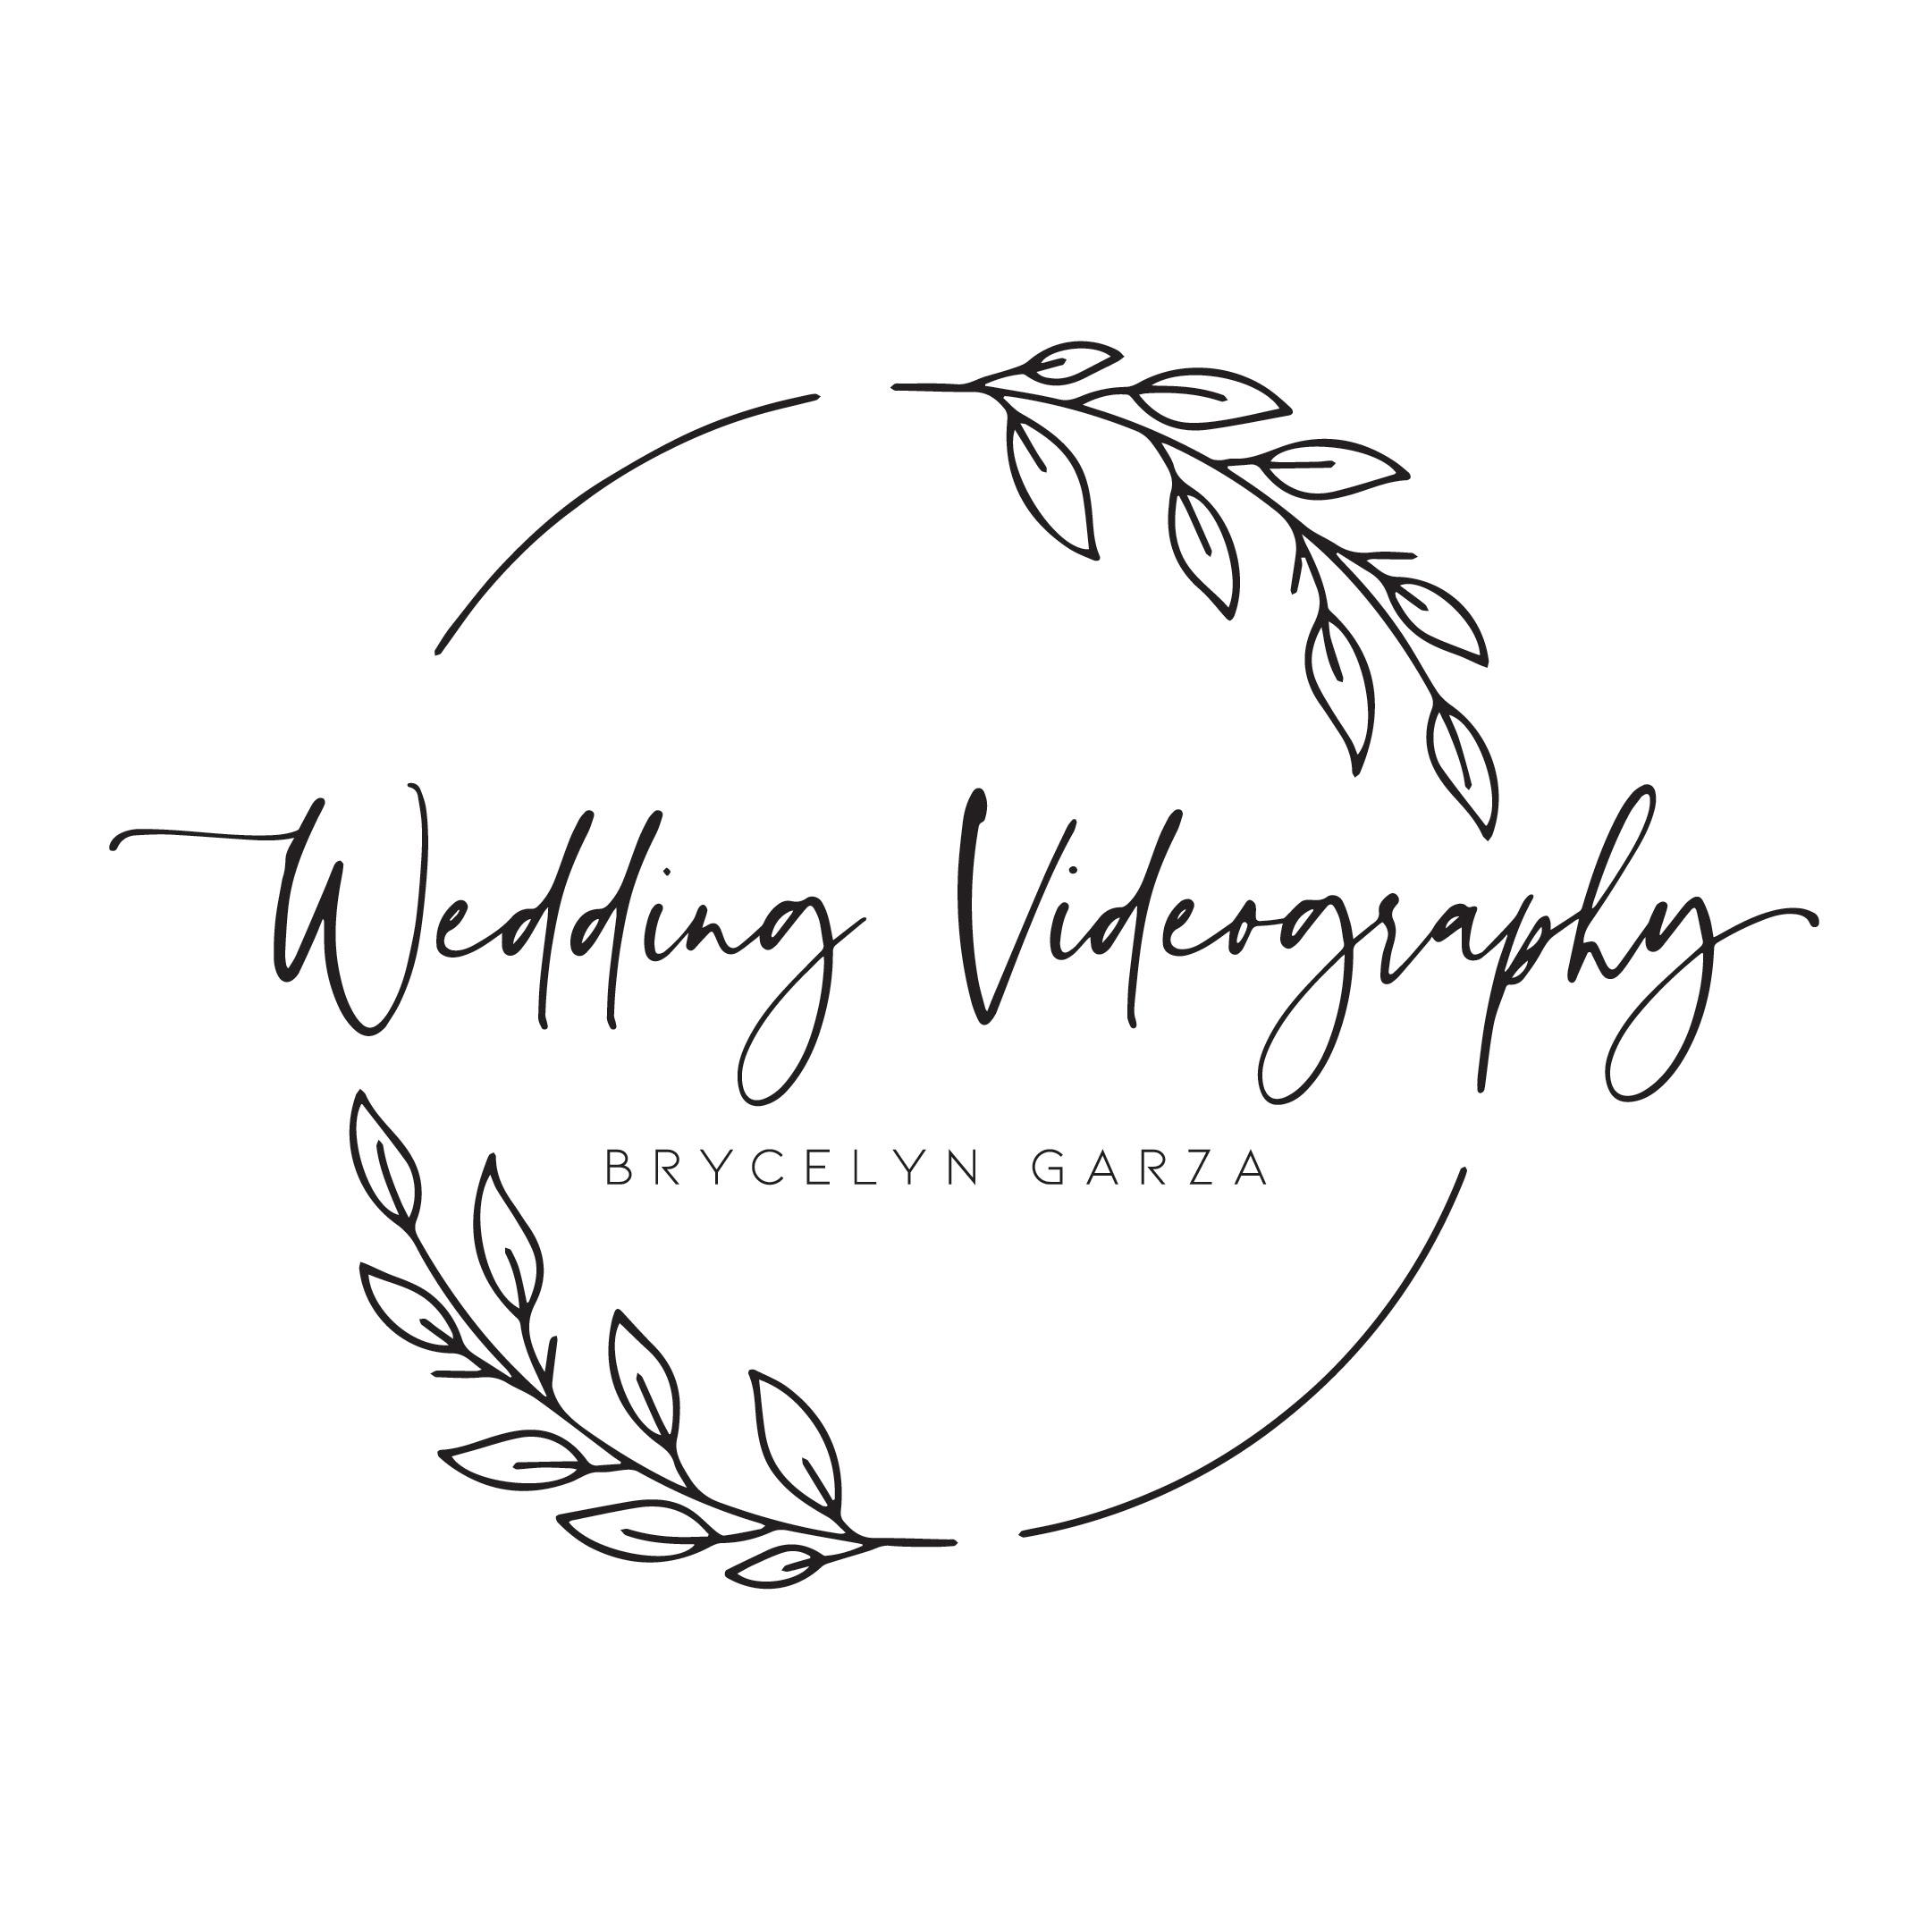 Brycelyn Garza Wedding Videography